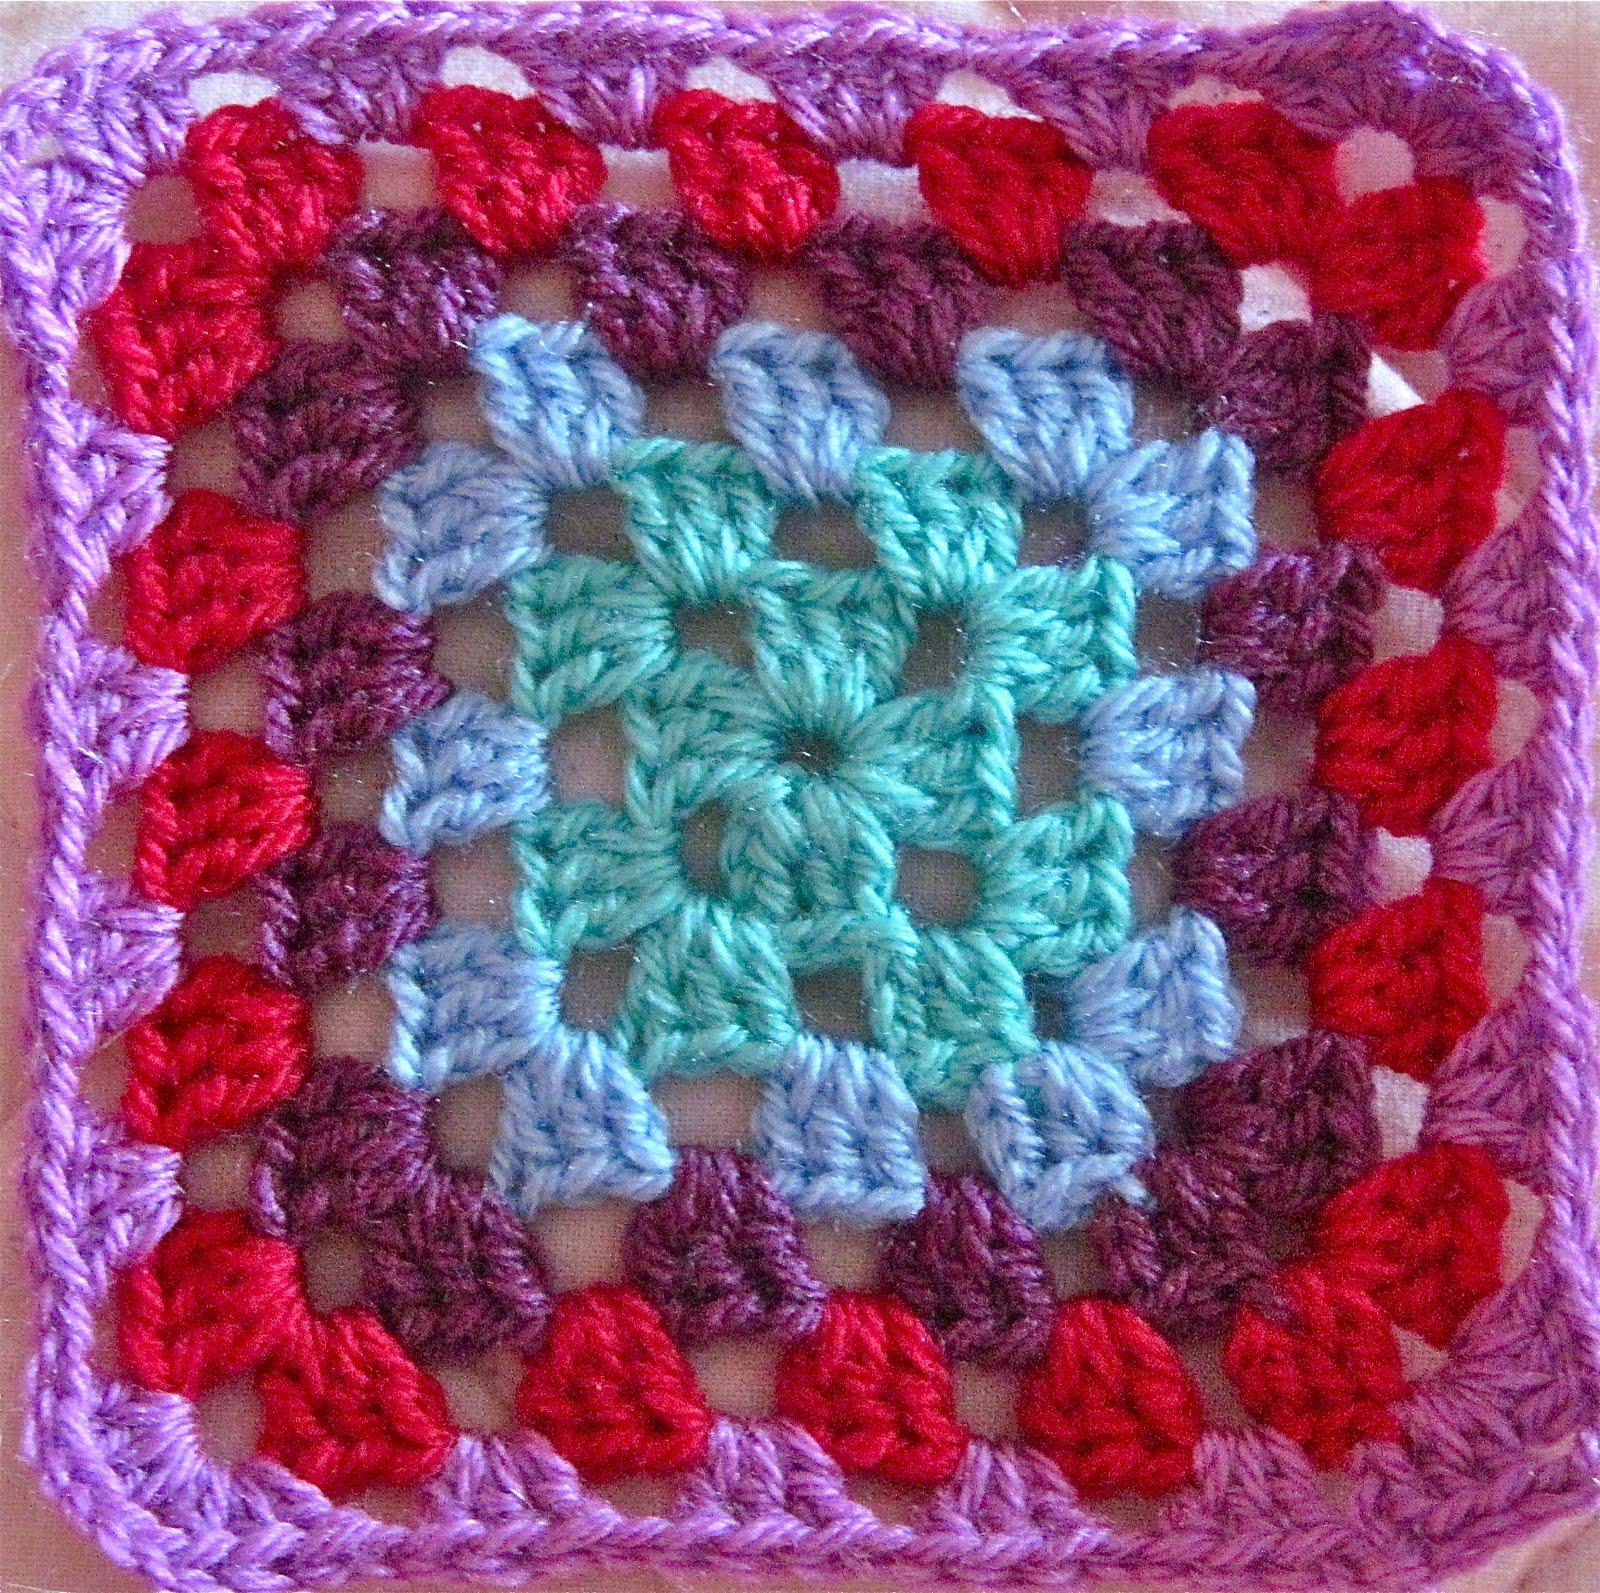 Le cose di mys maglia uncinetto telaio tutorial e le piastrelle granny per la coperta - Piastrelle di lana all uncinetto ...